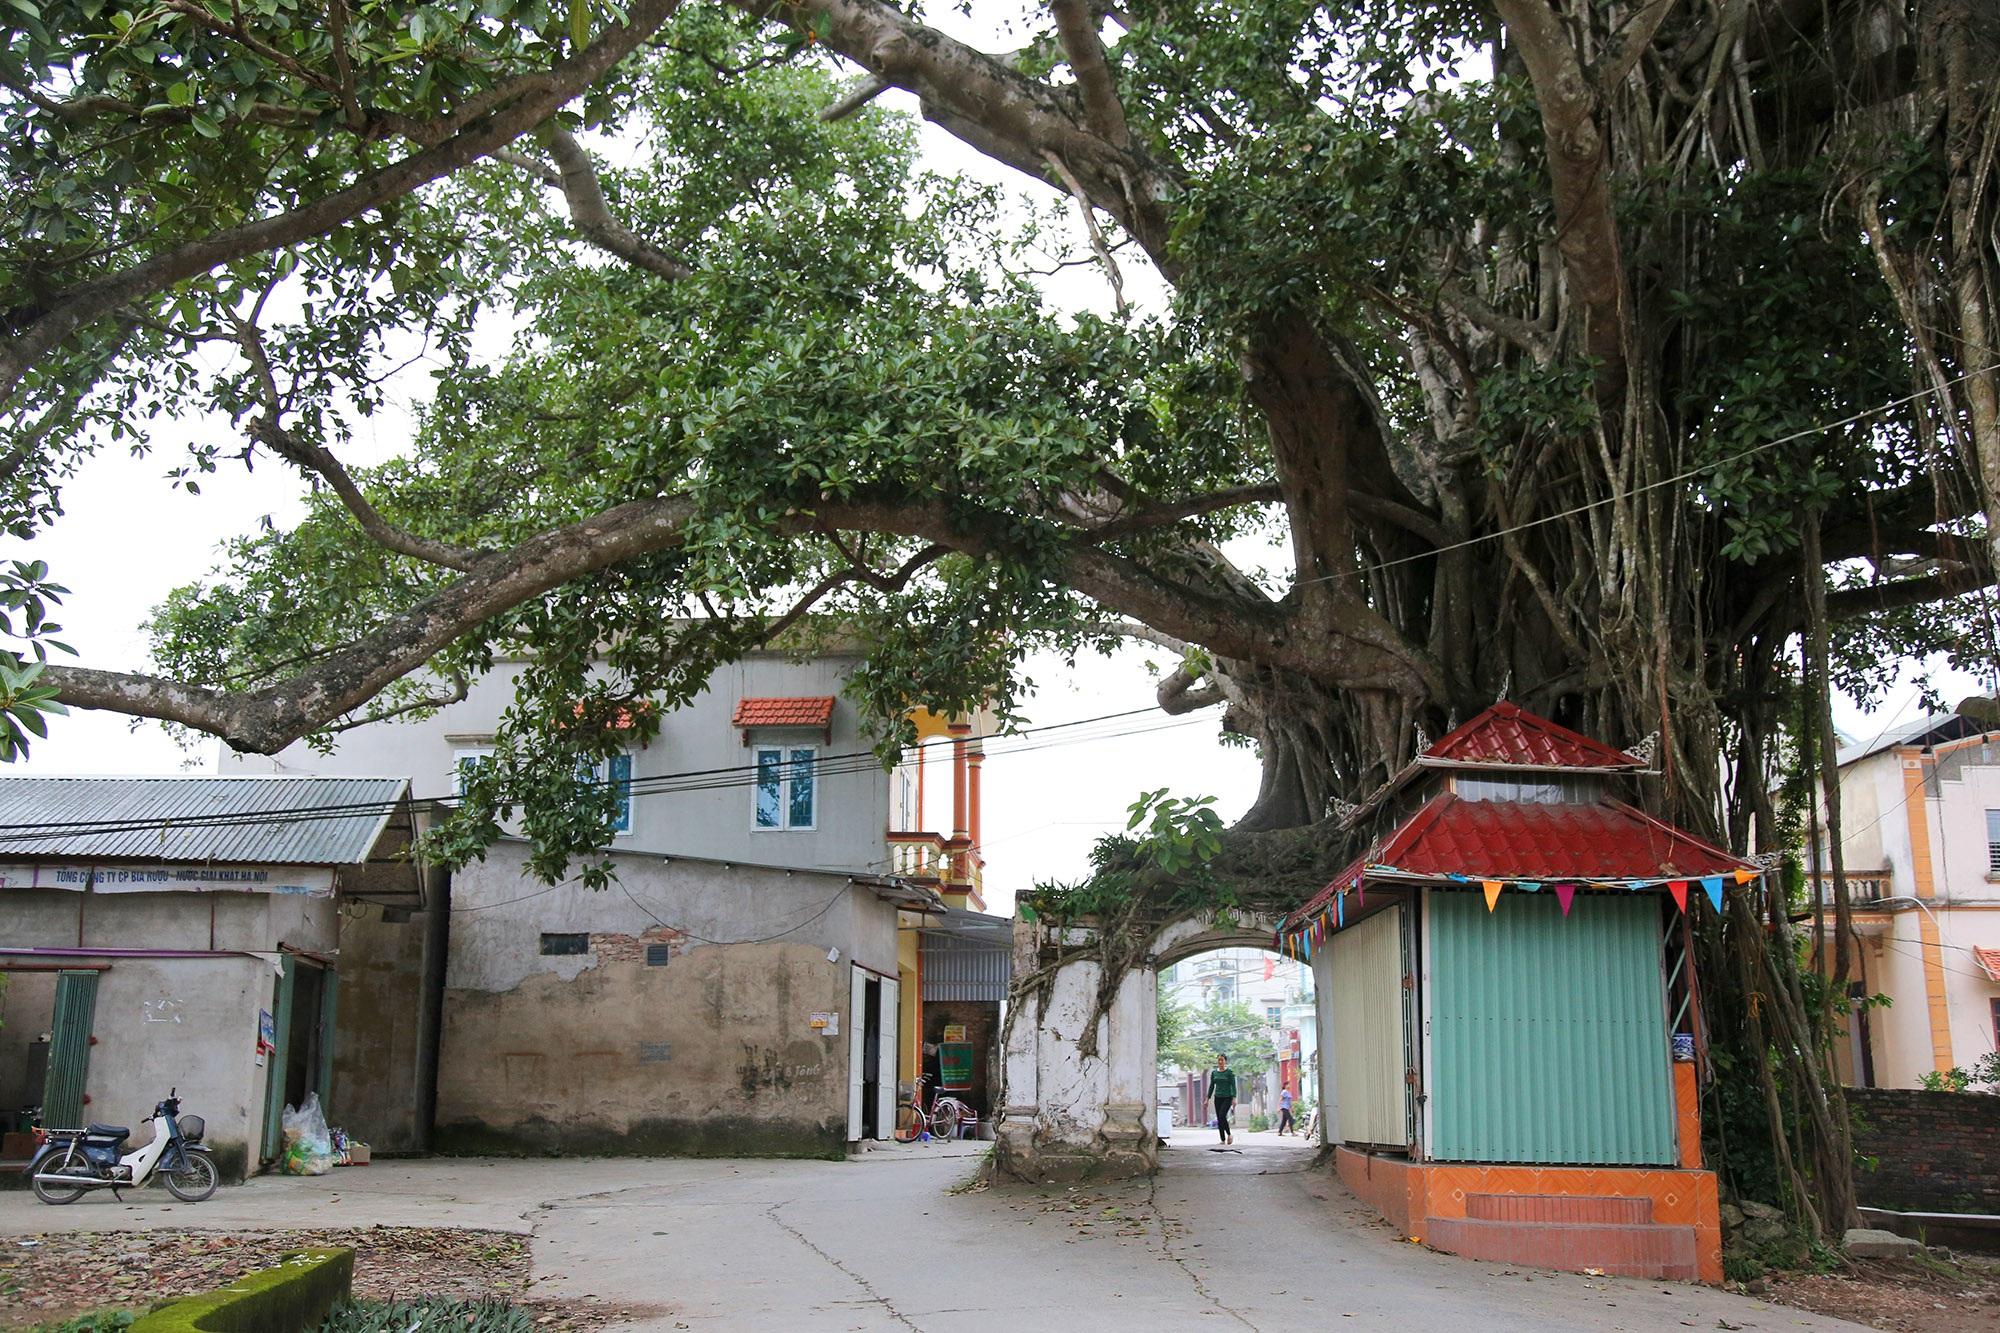 Lạc bước qua những kiệt tác cổng làng từ rễ cây độc đáo tại Bắc bộ - 4